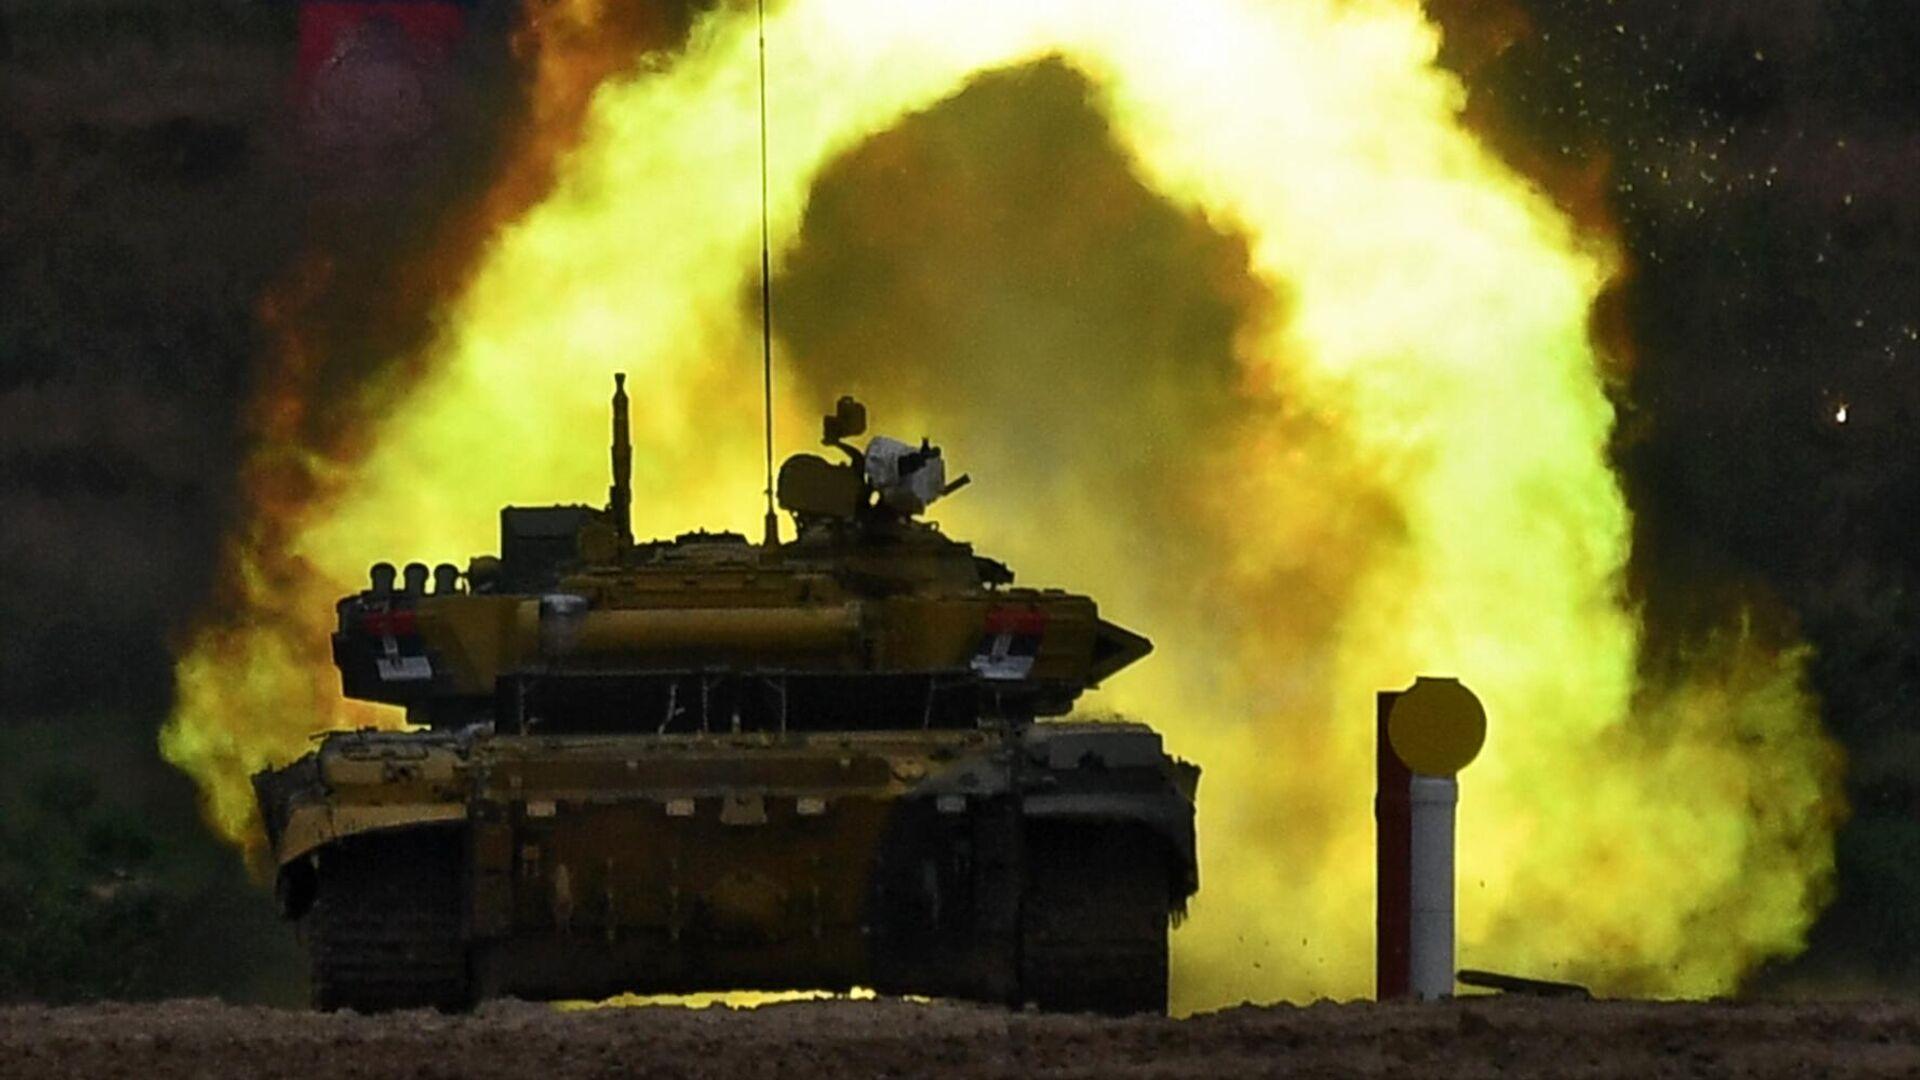 Танк Т-72Б3 команды военнослужащих Сербии во время соревнований танковых экипажей в рамках конкурса Танковый биатлон-2020 в Подмосковье  - РИА Новости, 1920, 01.10.2020